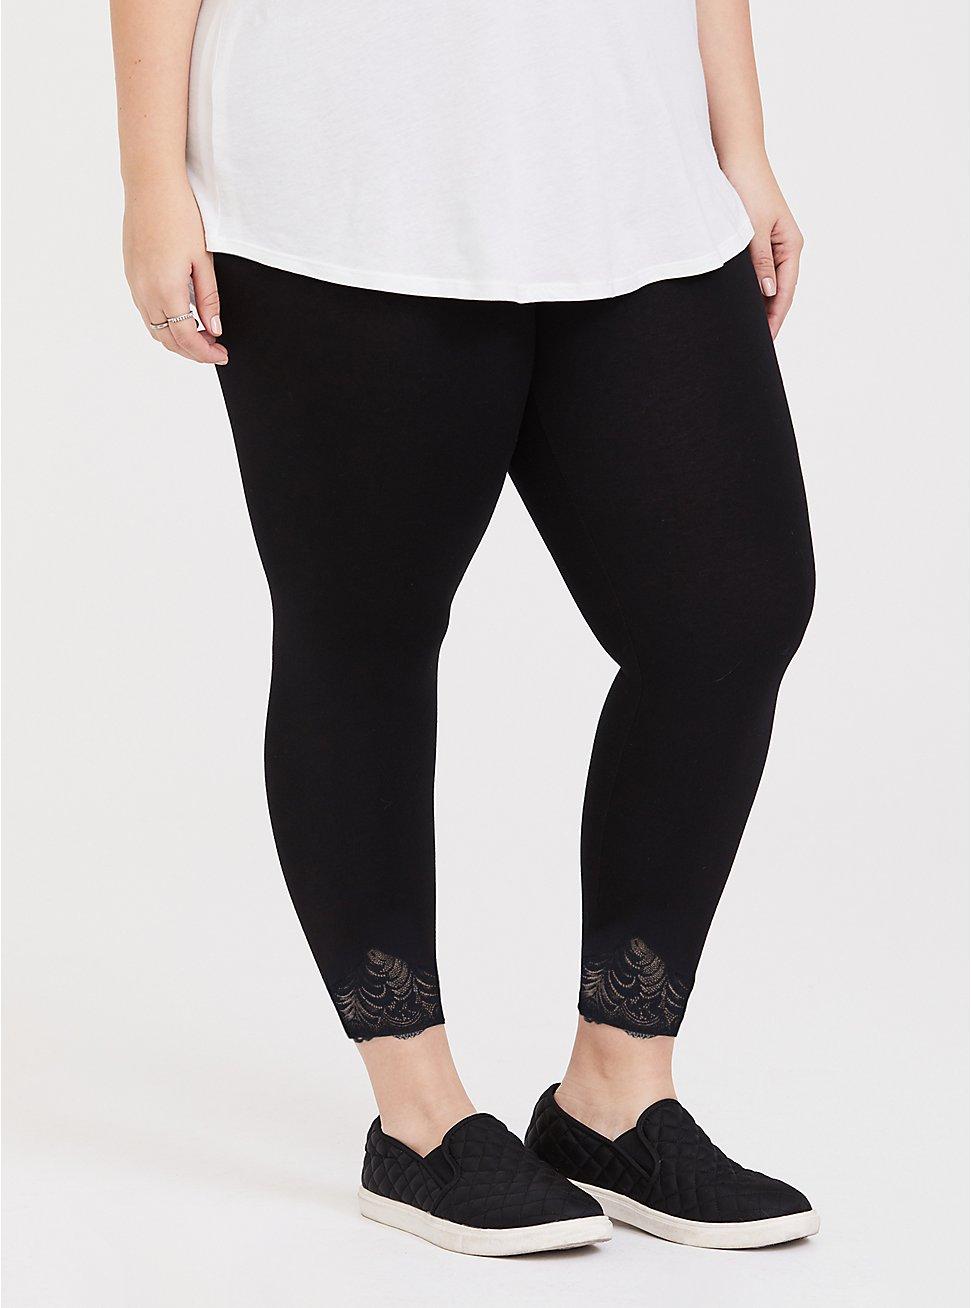 Crop Premium Legging - Scalloped Hem Black, BLACK, hi-res